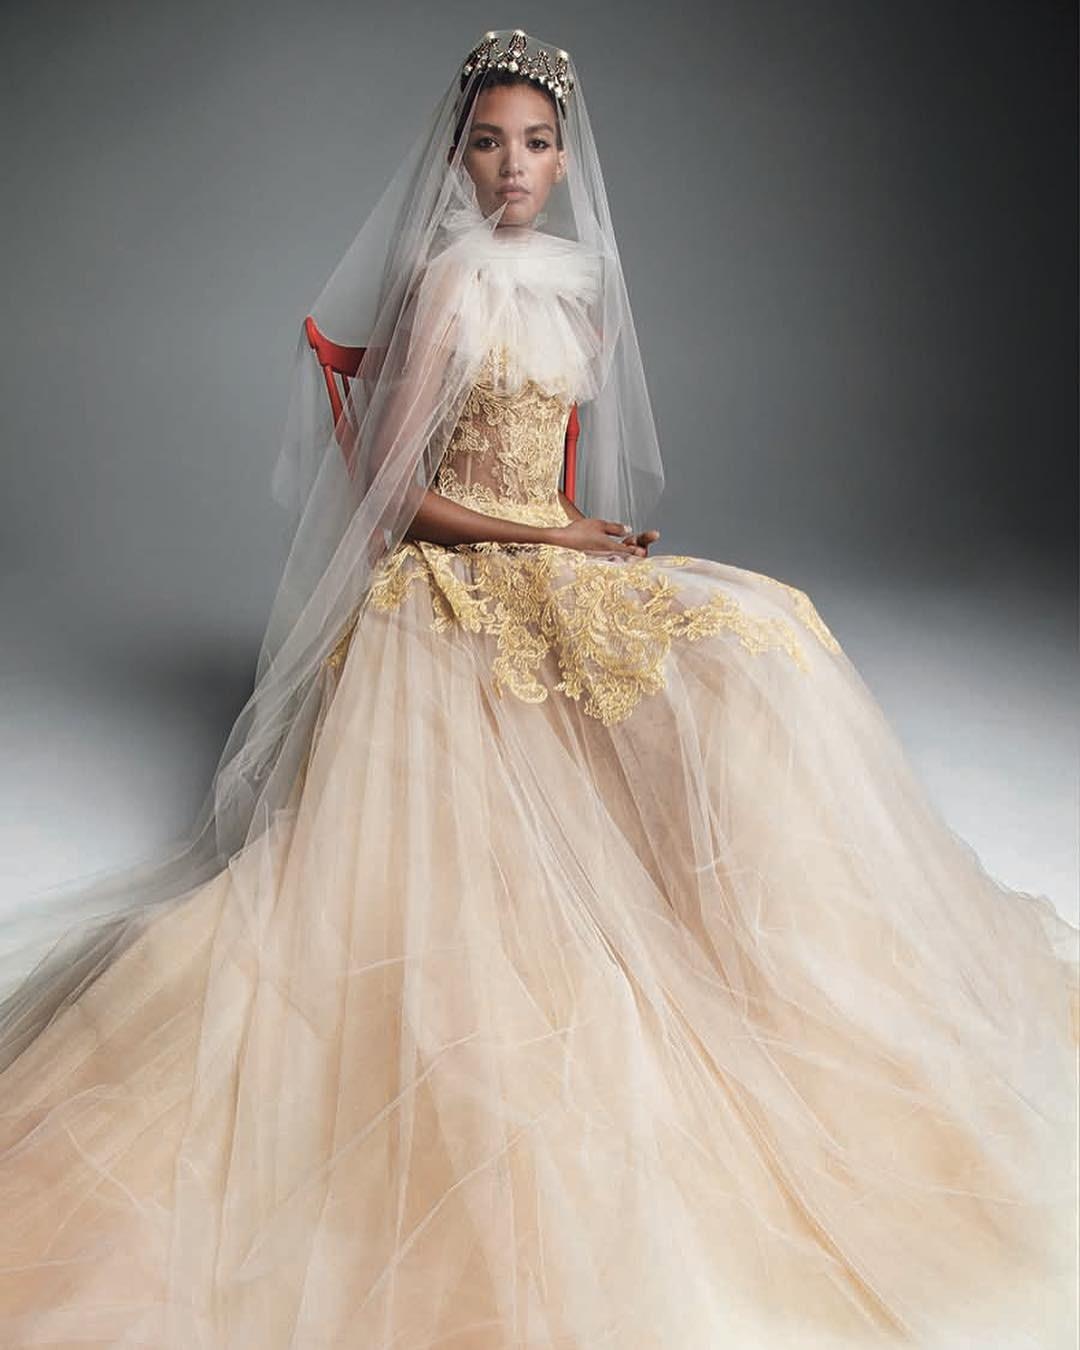 Например, в свадебной моде фату из кружева заменили на фату из тюля, так как это было более выгодно. Постепенно происходила популяризация тюля, он появился в повседневных нарядах женщин....